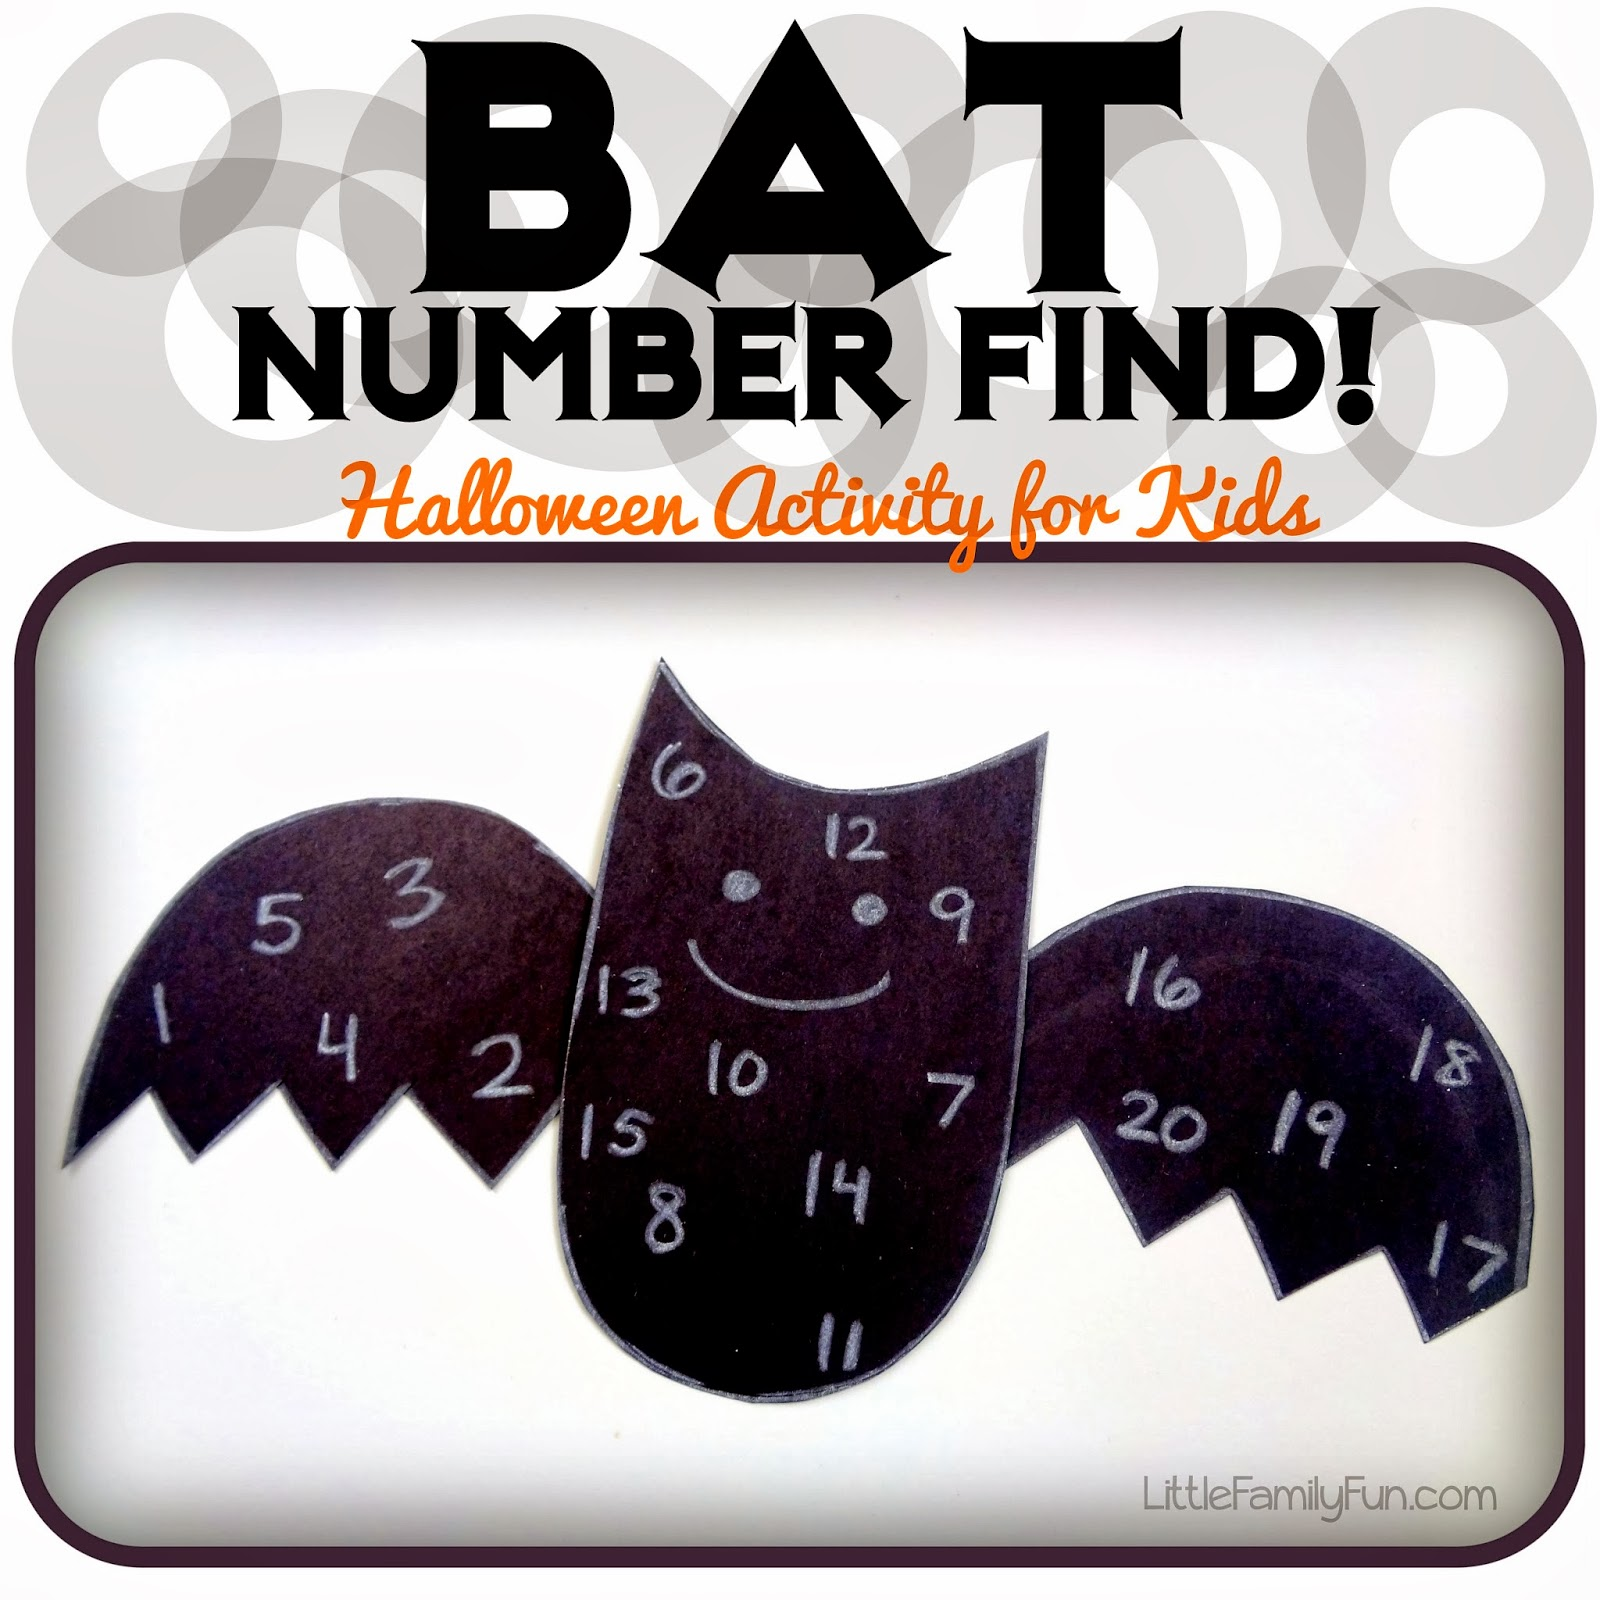 Bat Number Find